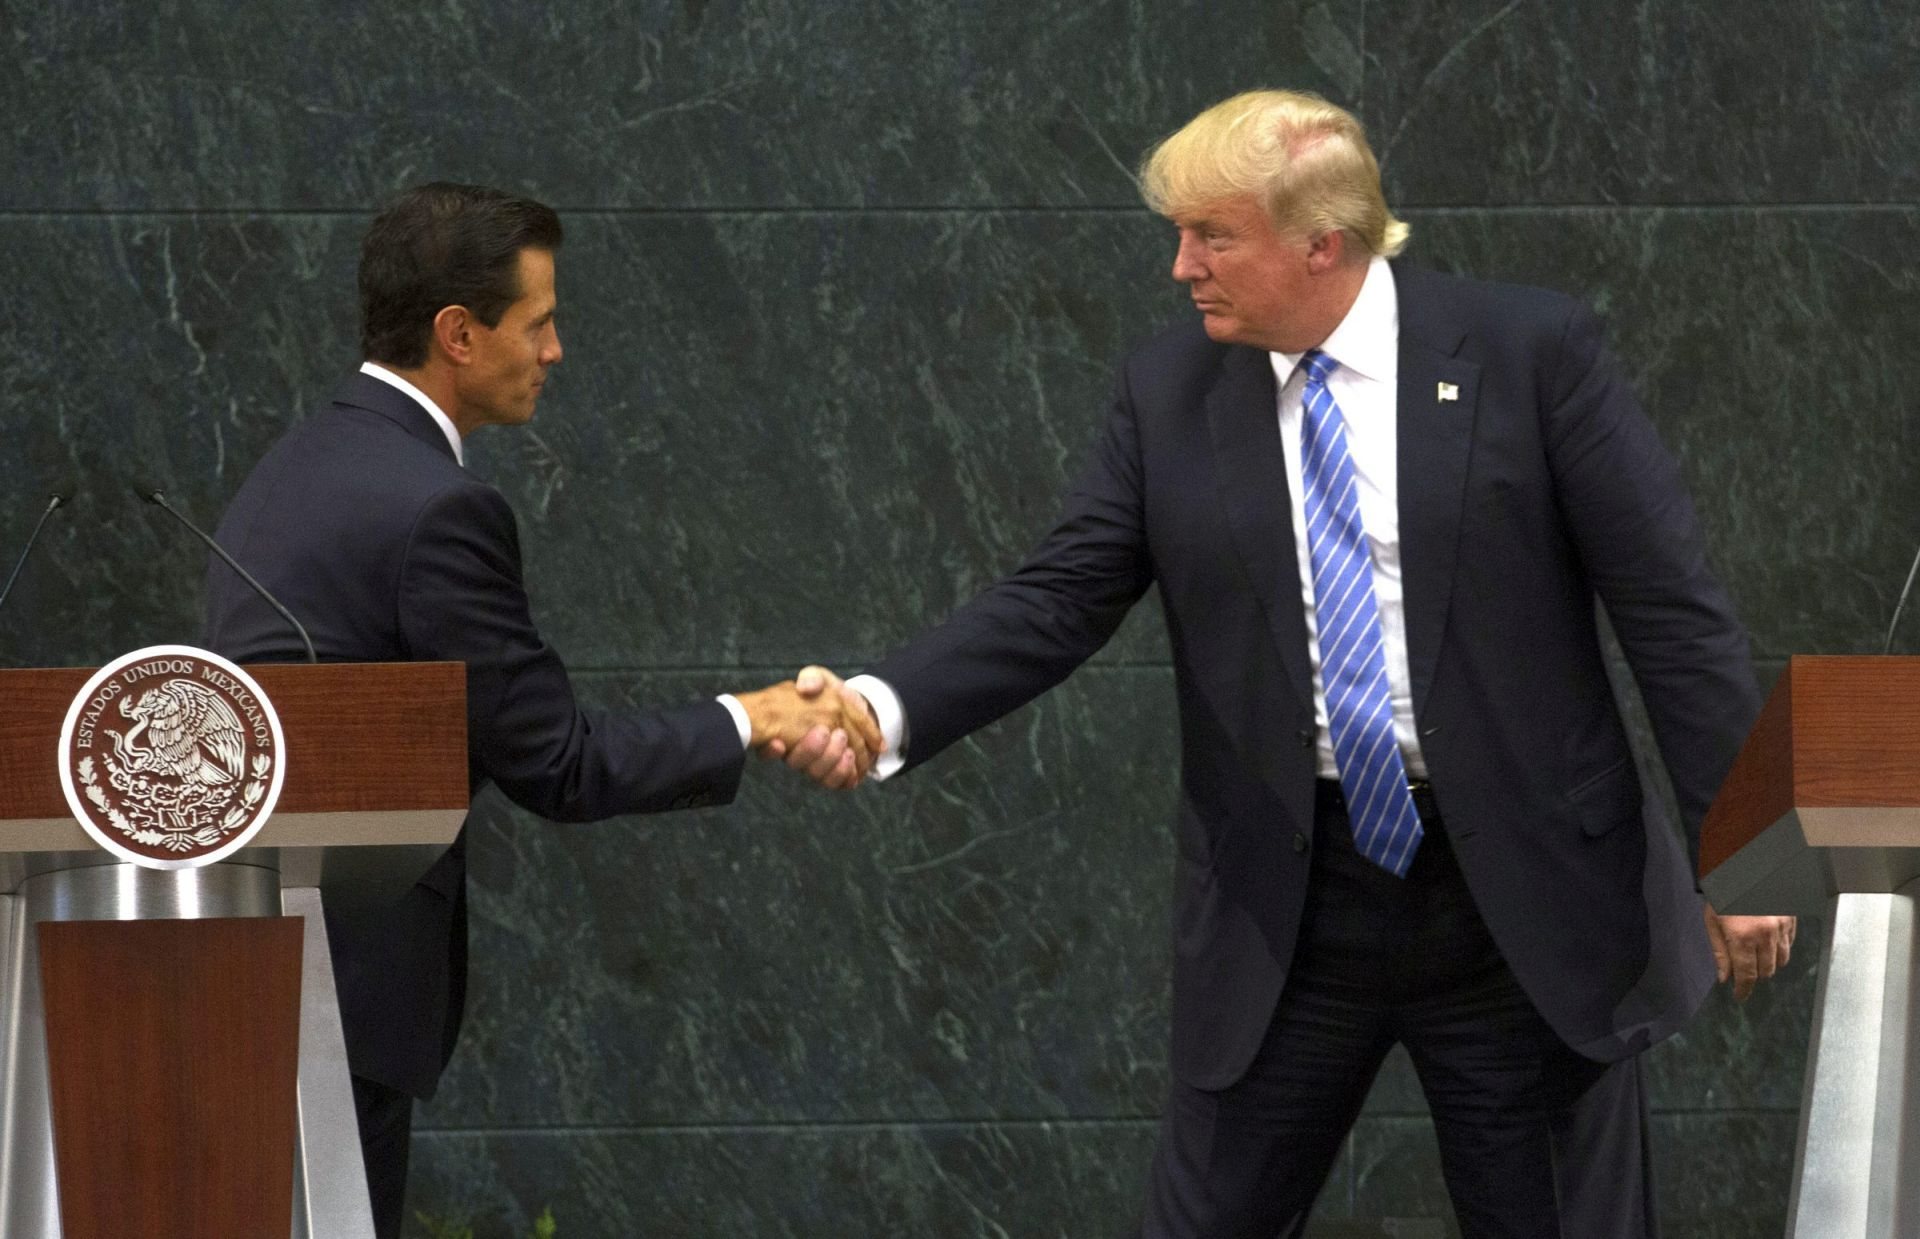 Maksiko odbacio Trumpove tvrdnje da je najopasnija država svijeta